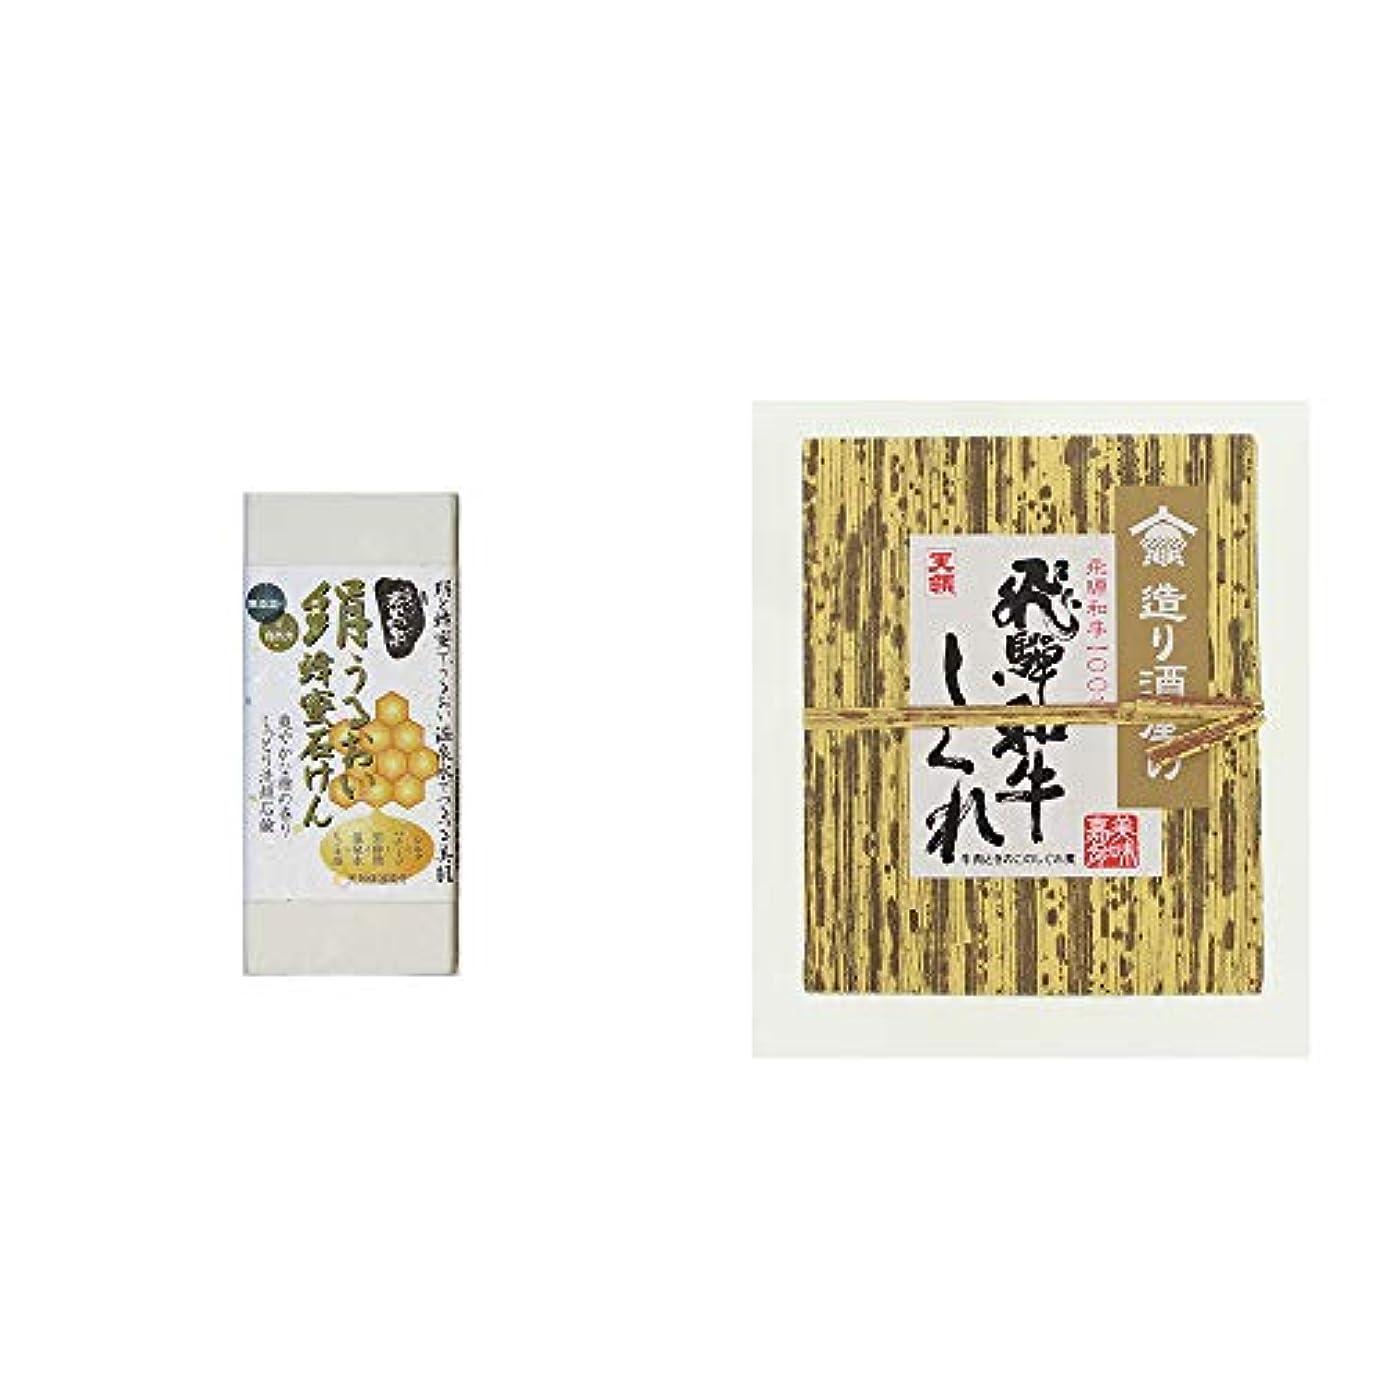 [2点セット] ひのき炭黒泉 絹うるおい蜂蜜石けん(75g×2)?天領酒造 造り酒屋の飛騨和牛しぐれ(100g)